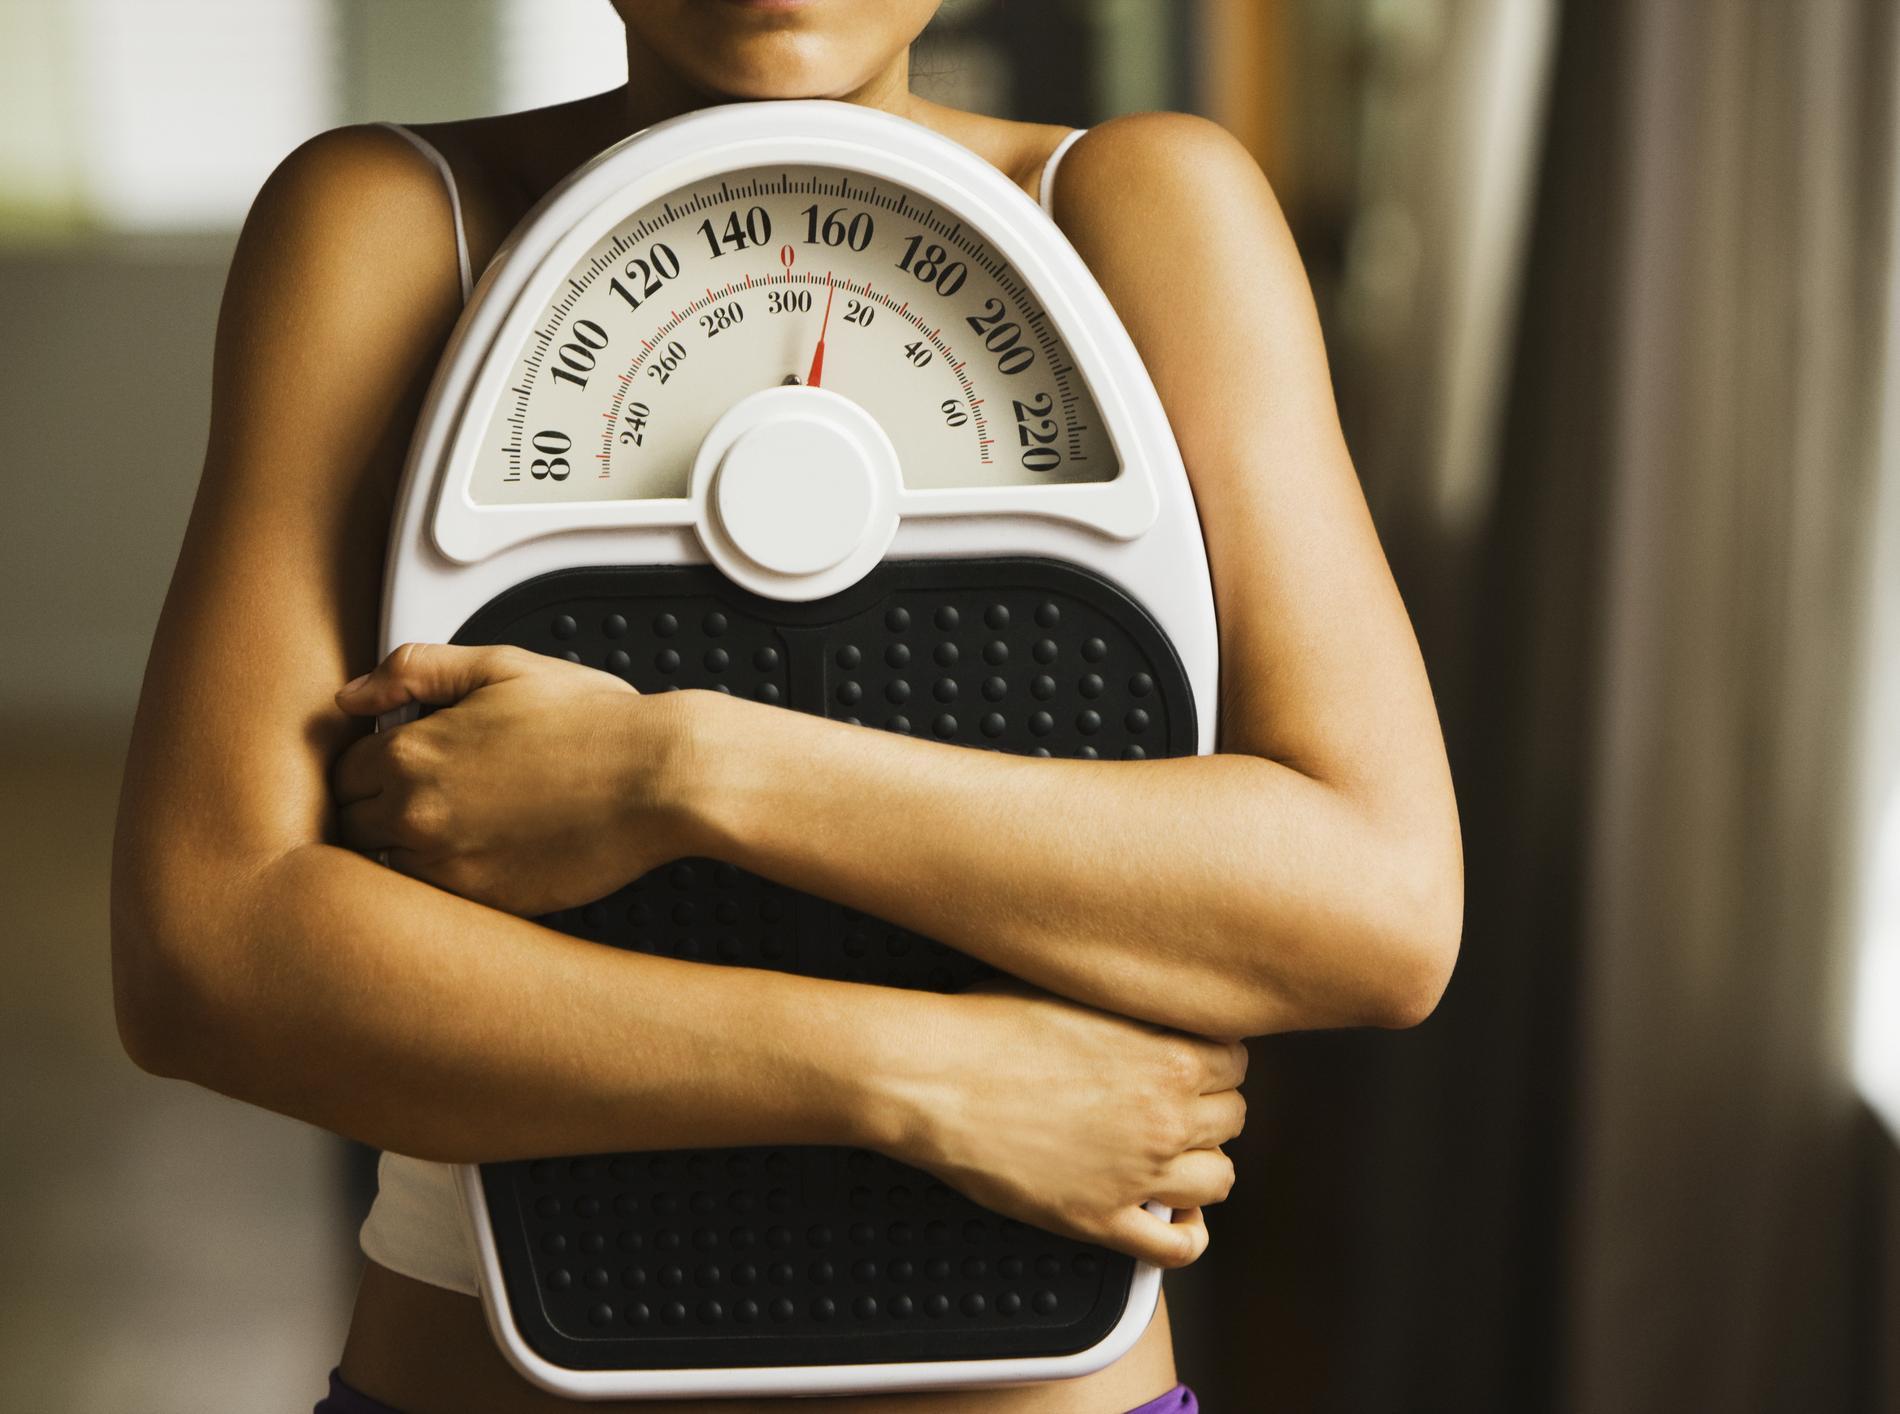 allez-vous perdre du poids dans vos doigts